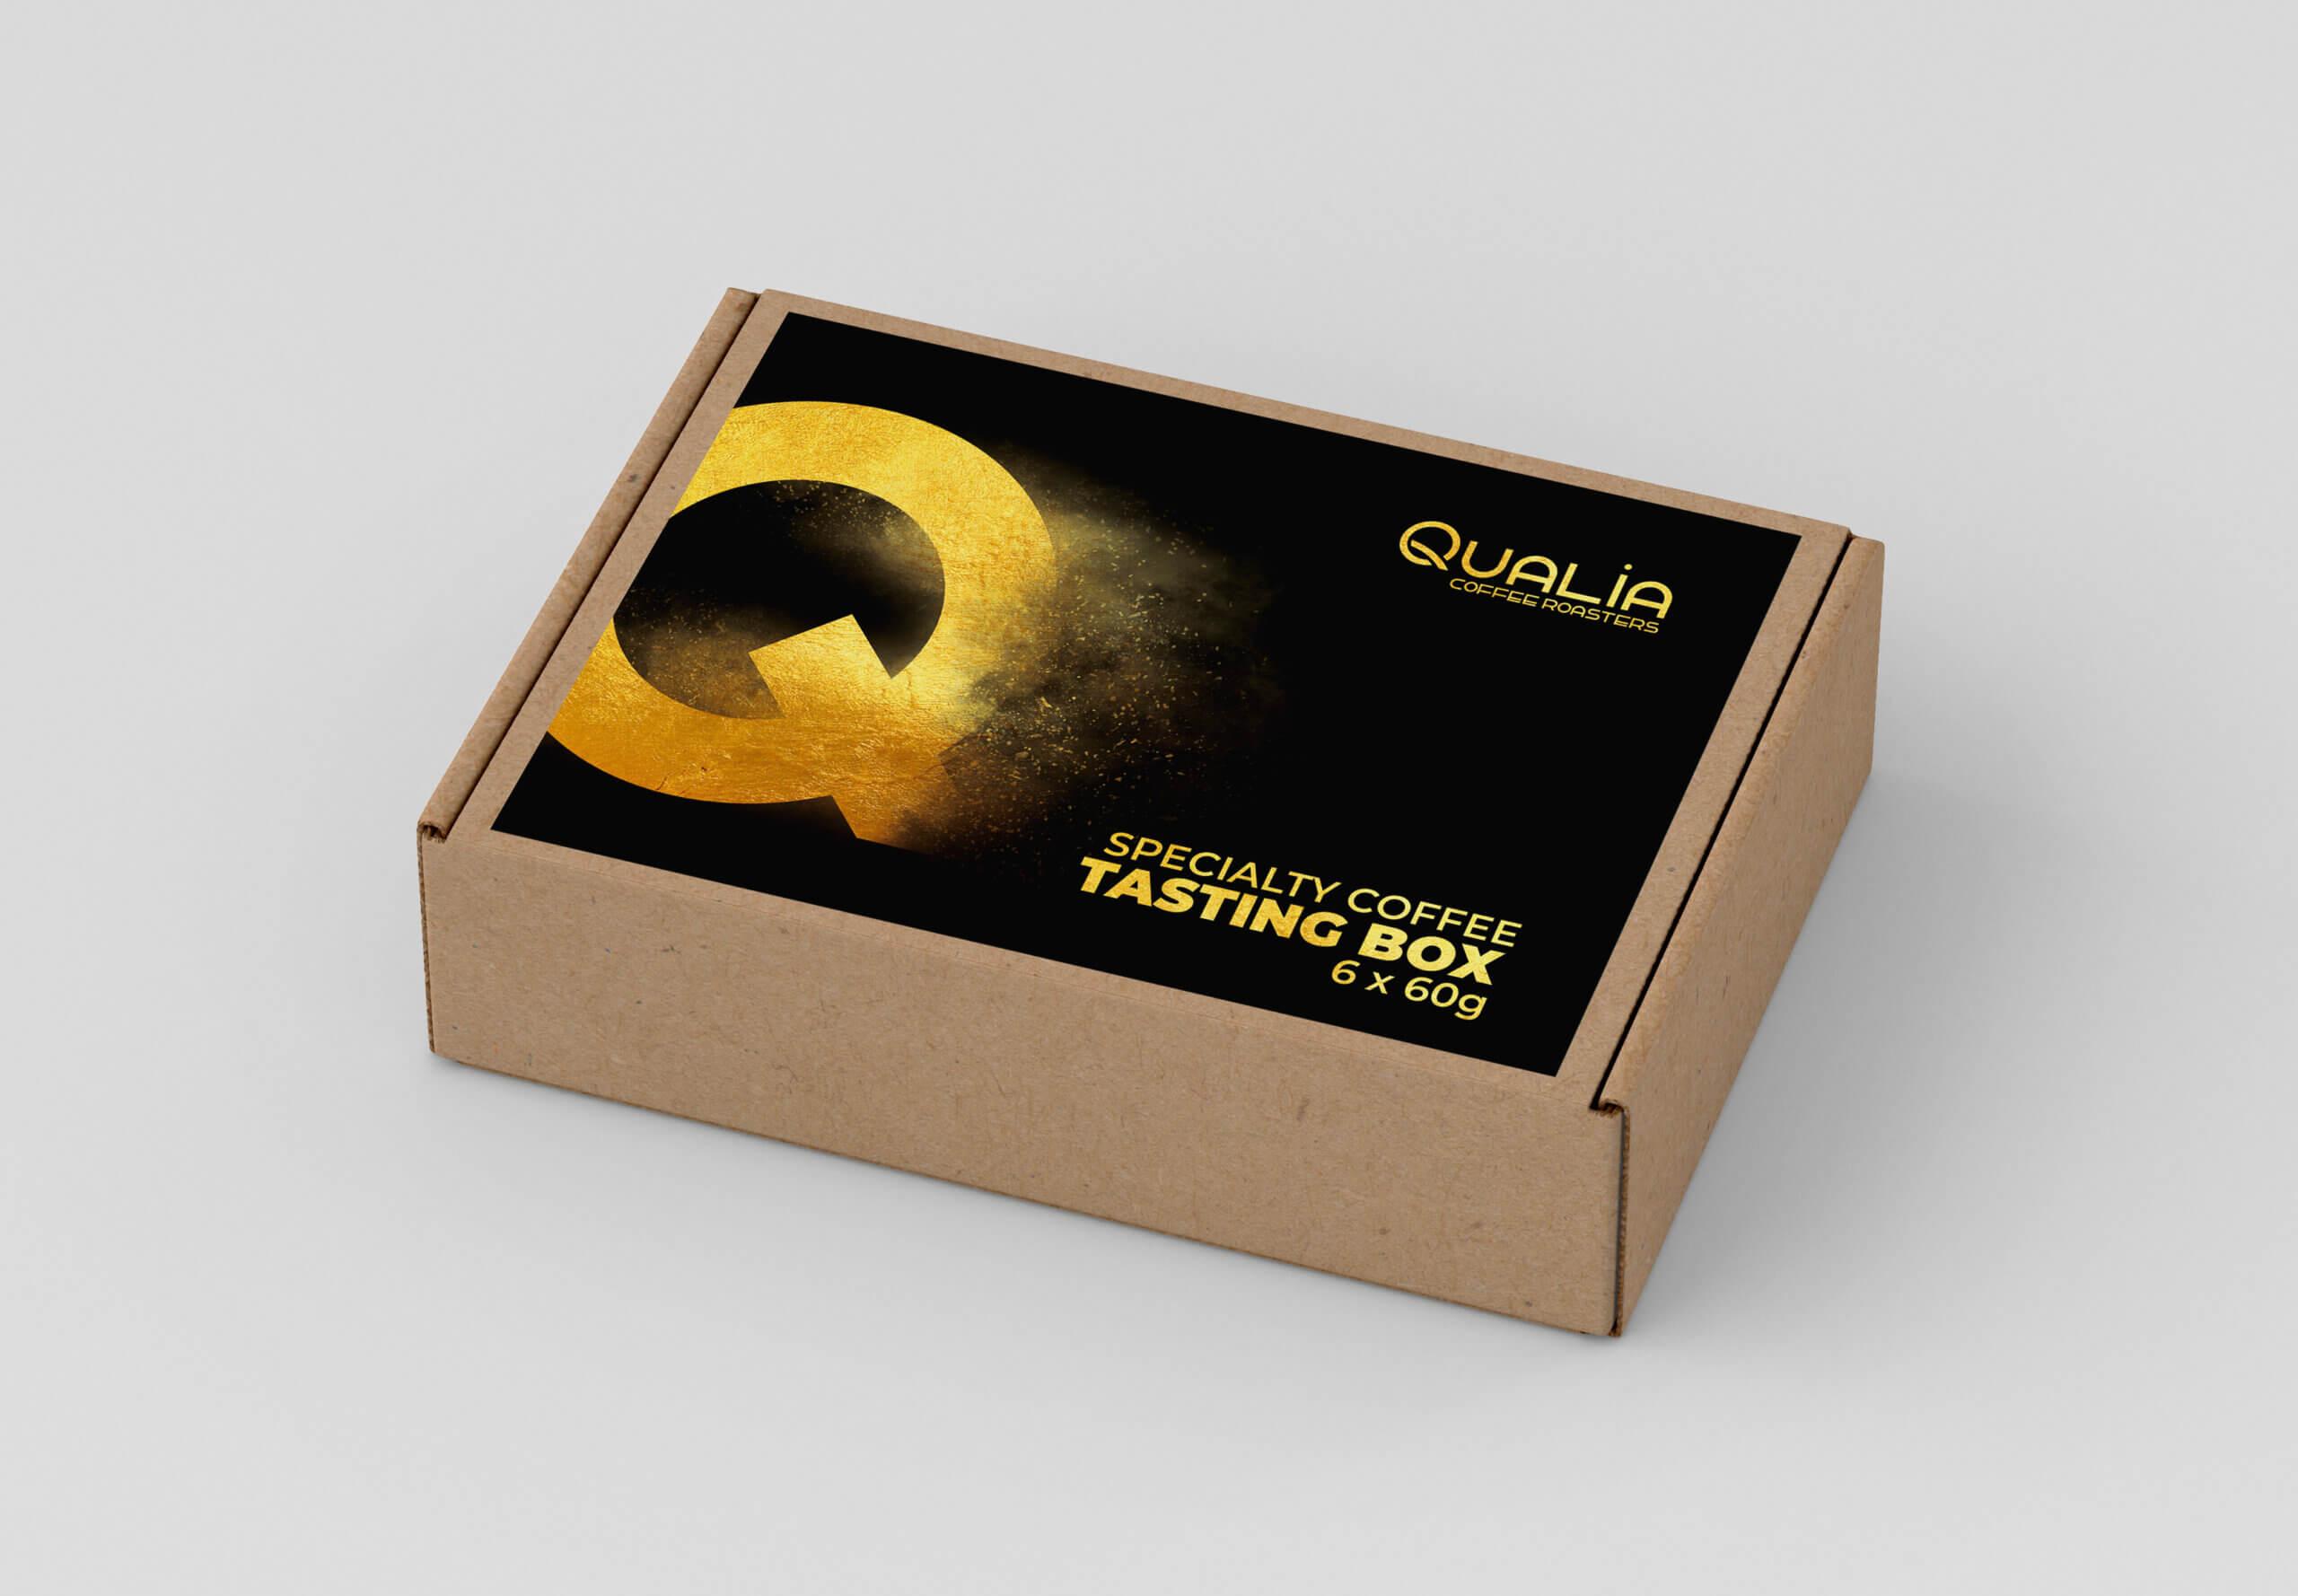 Specialty Coffee Tasting Box – Święto Kawy is coming!